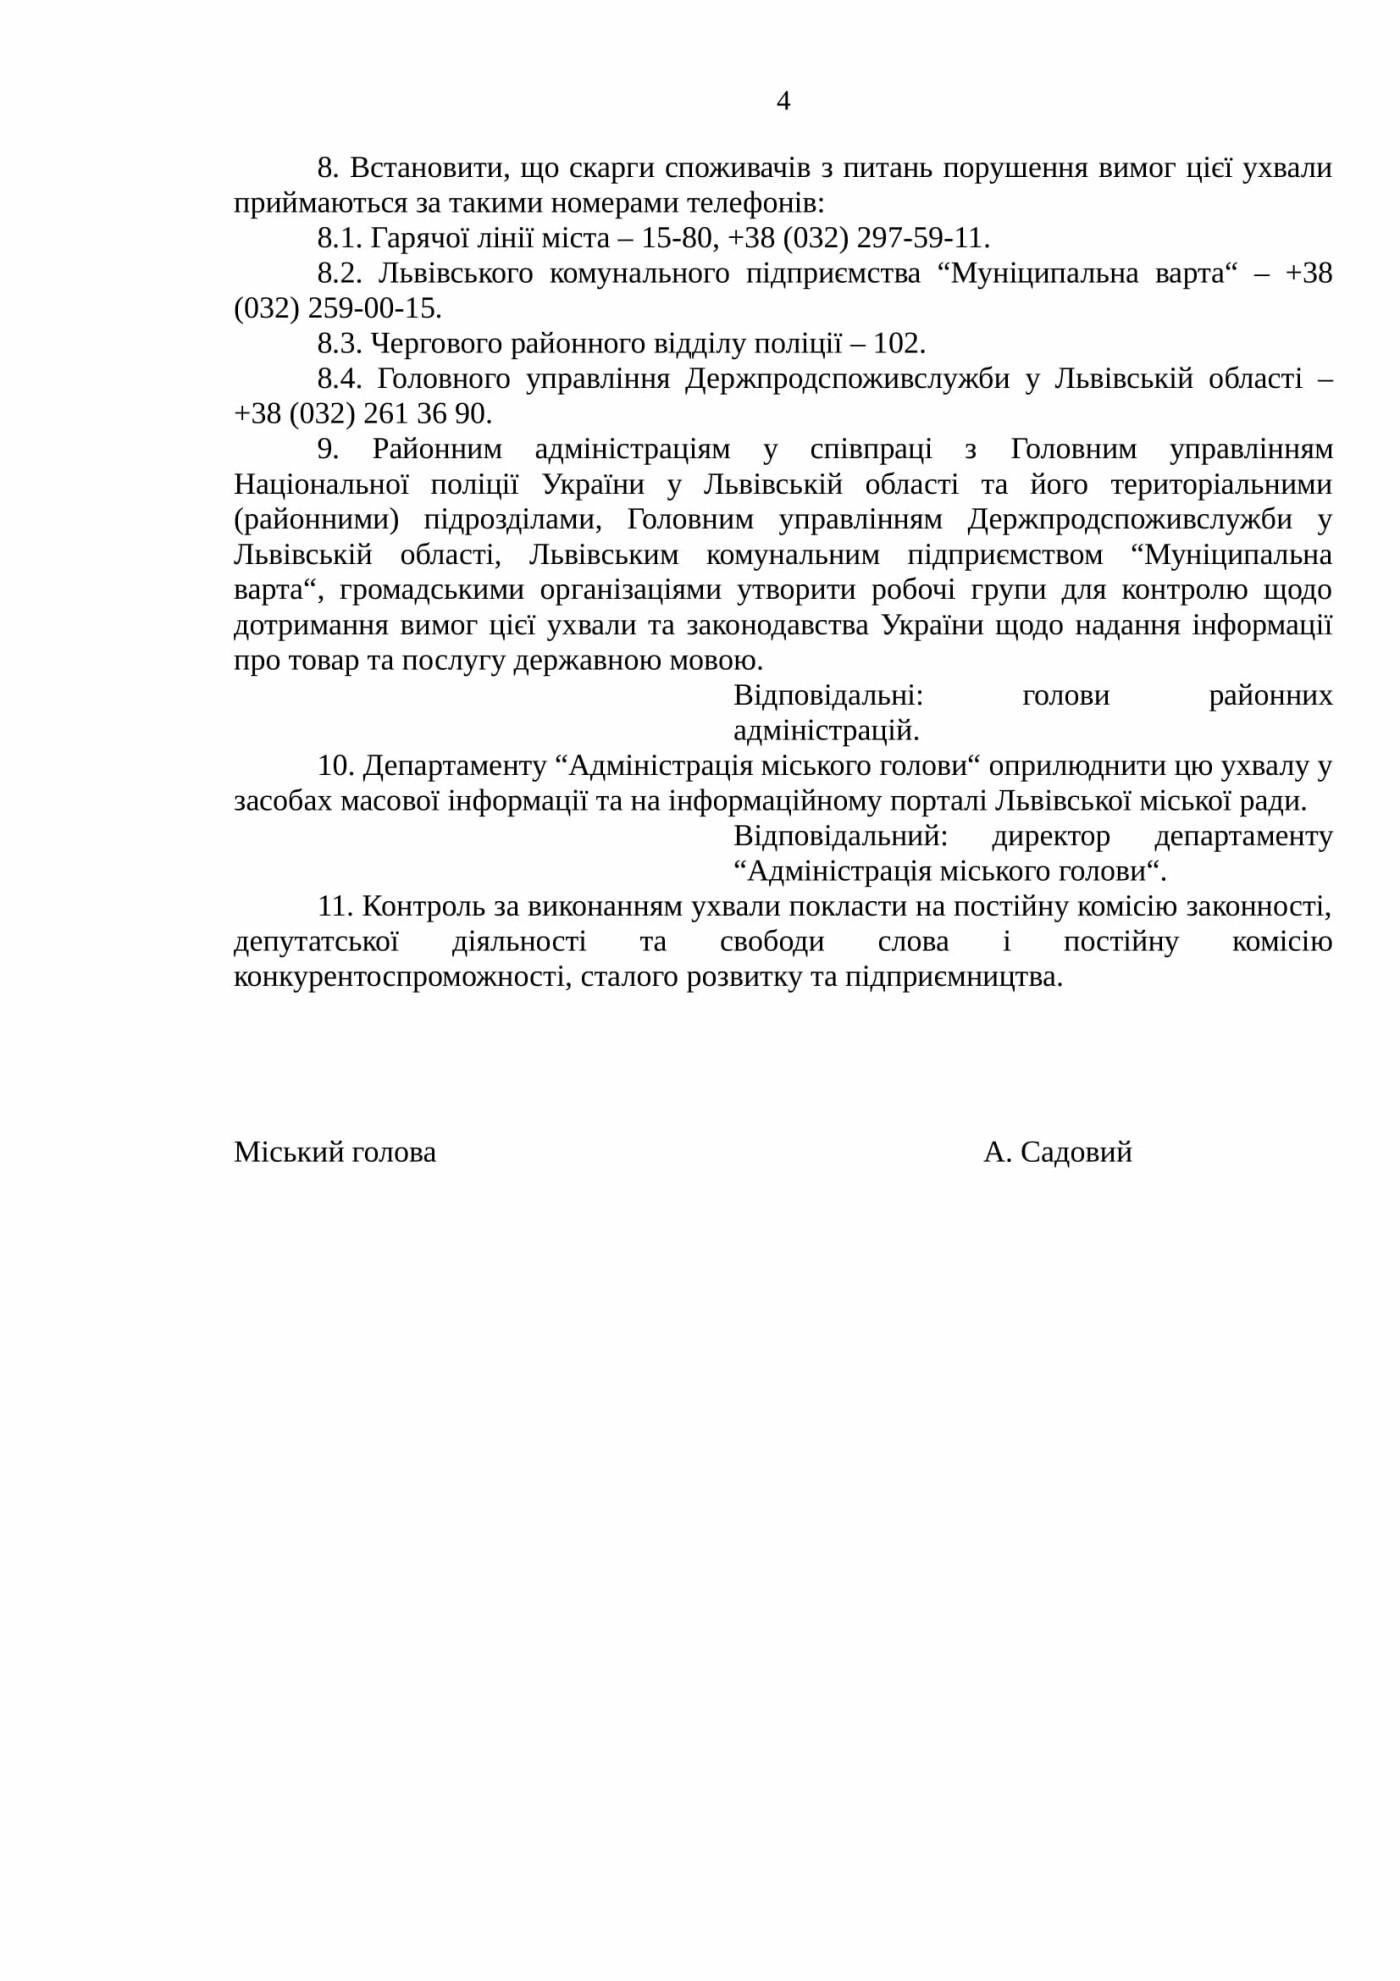 У ЛМР зобов'язали обслуговувати клієнтів закладів харчування і торгівлі українською мовою, фото-4